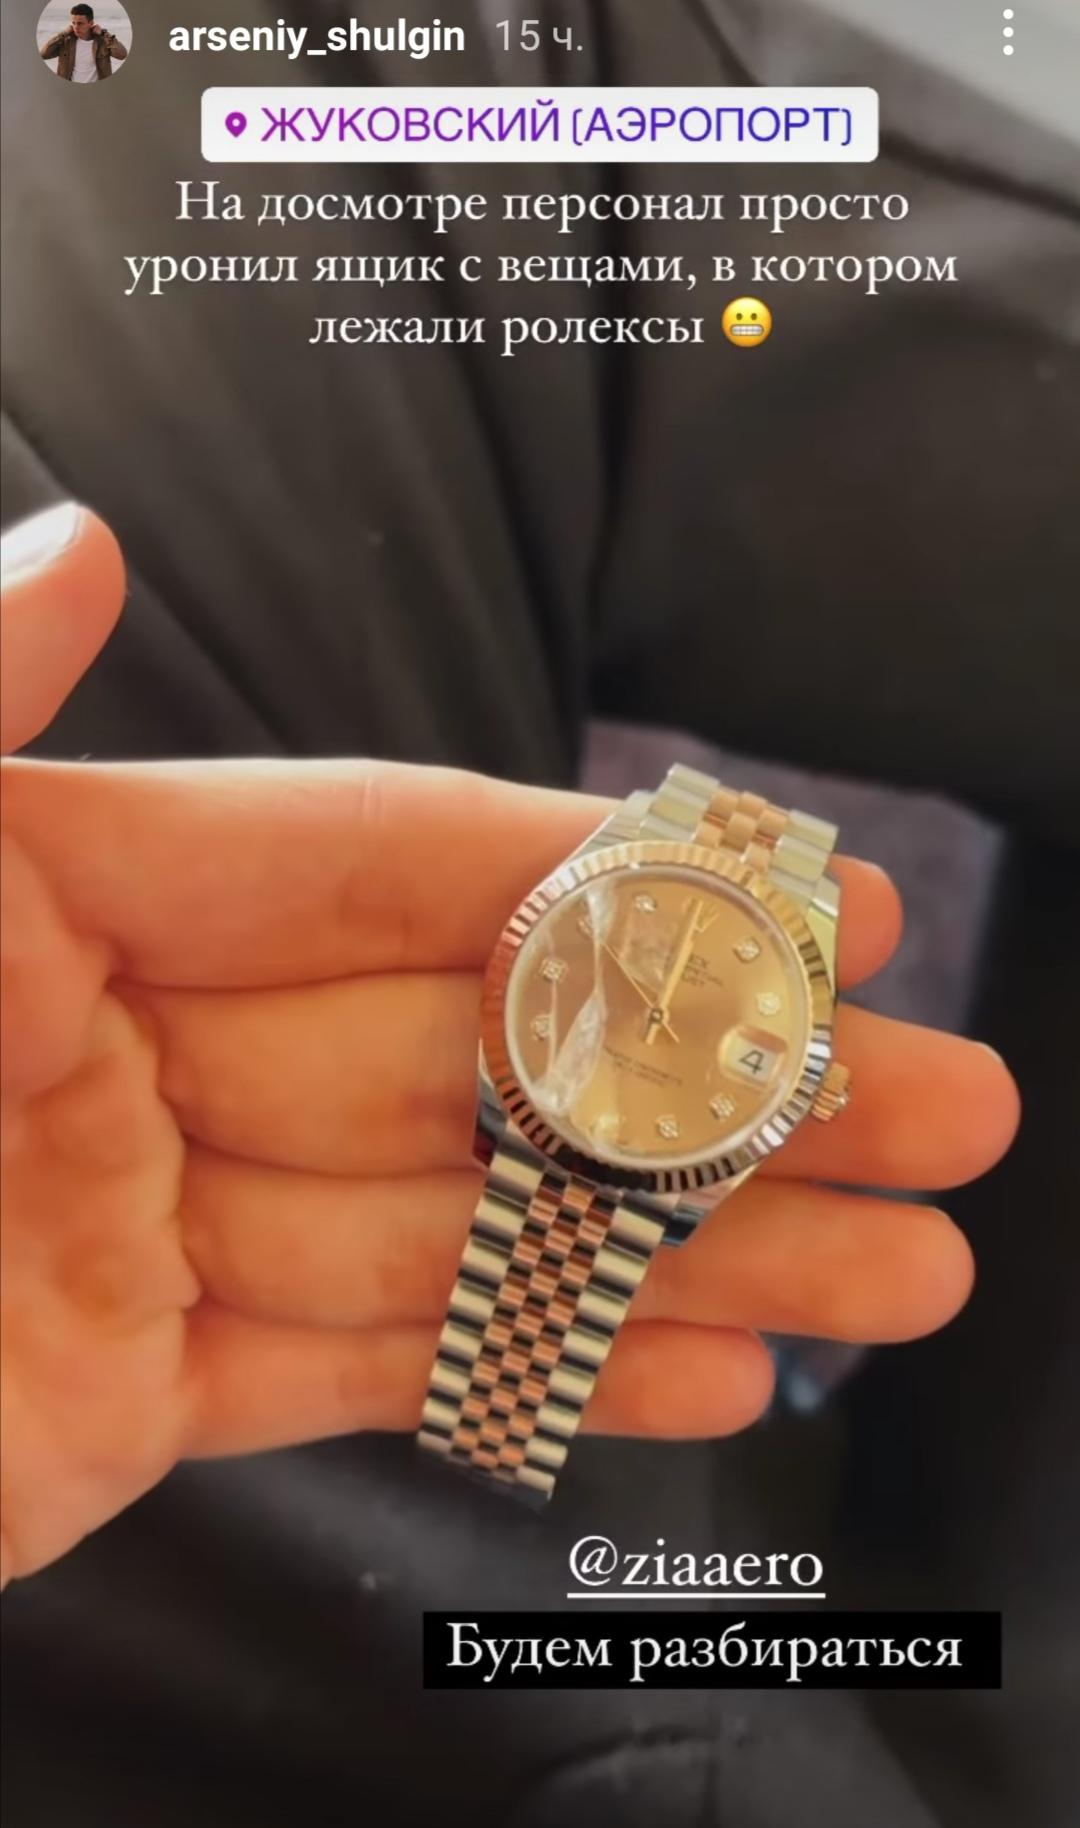 """""""Будем разбираться"""": сотрудники аэропорта разбили дорогие часы сыну певицы Валерии"""